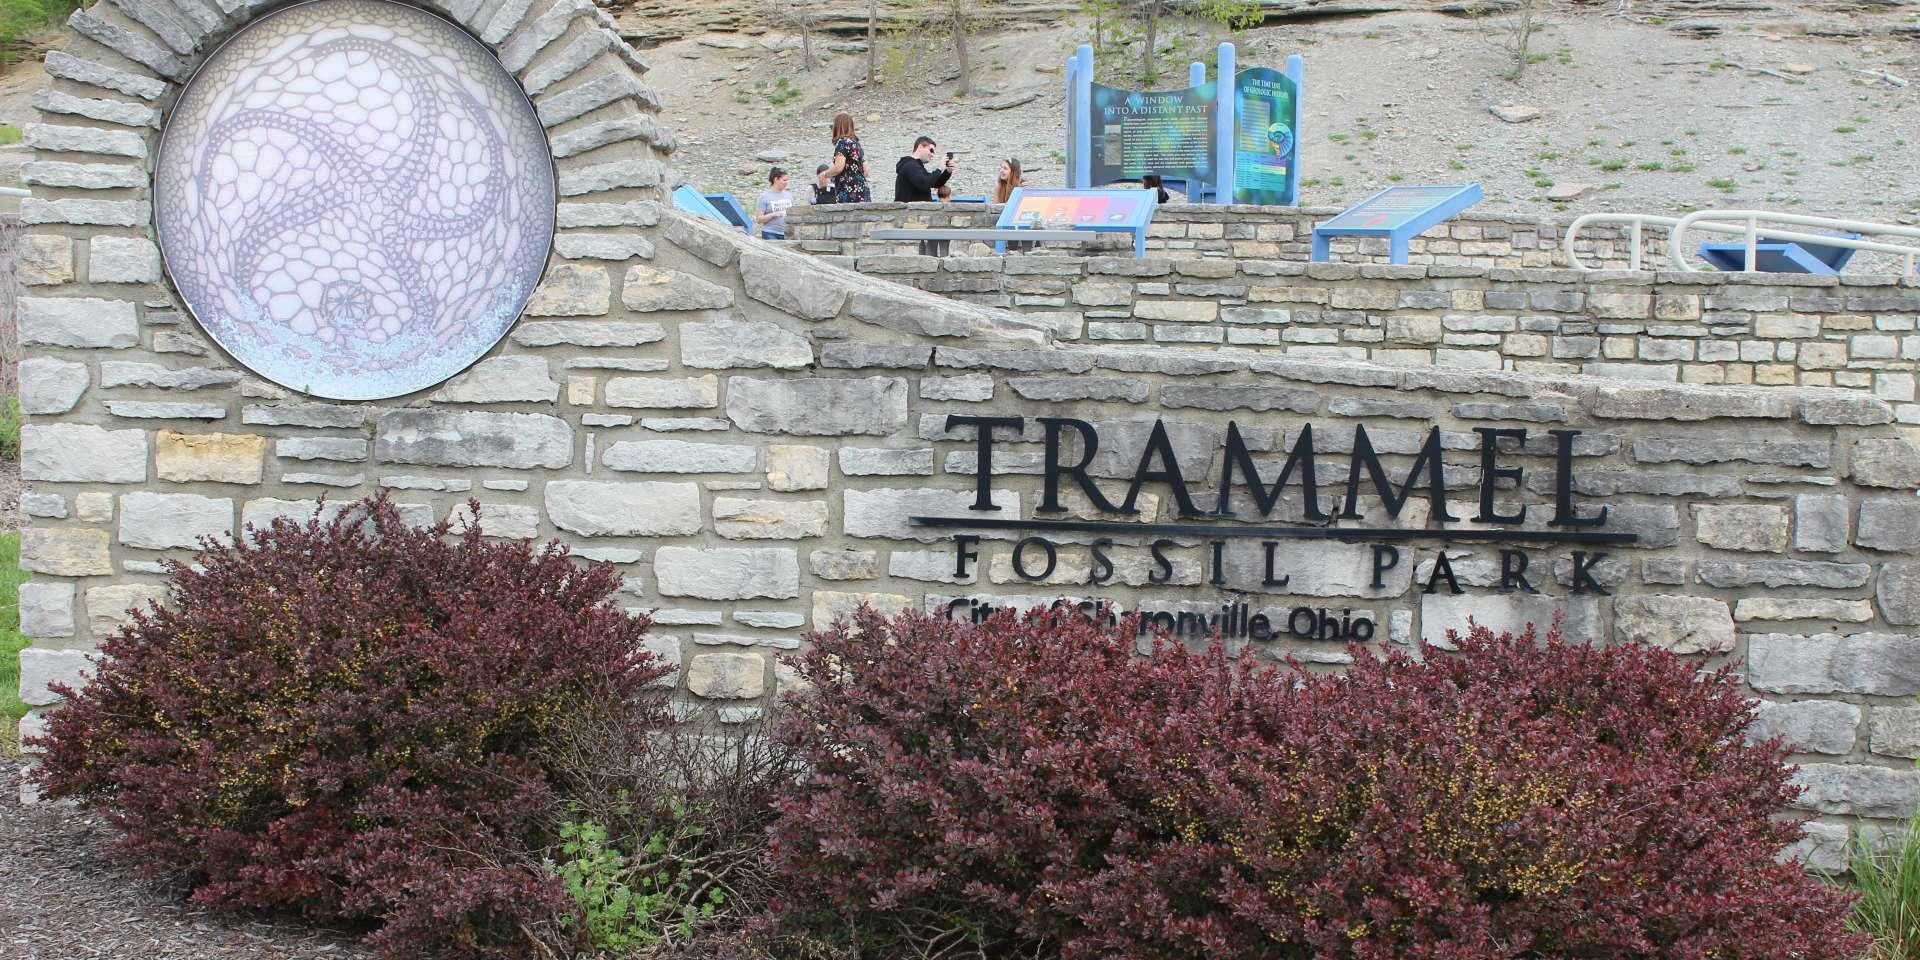 Trammel Fossil Park sign